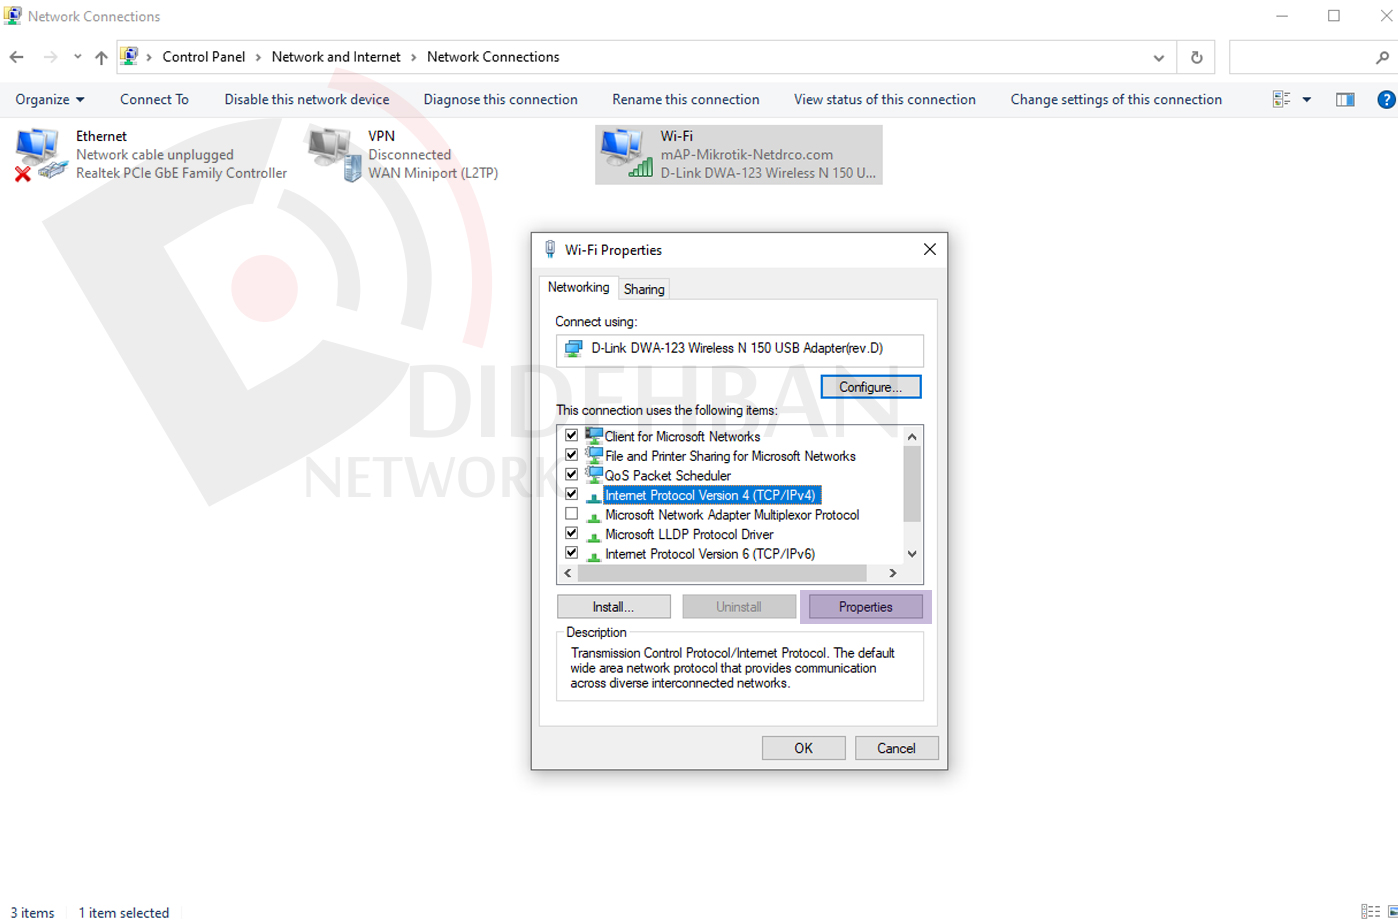 آموزش شبکه کردن دو کامپیوتر در ویندوز 10